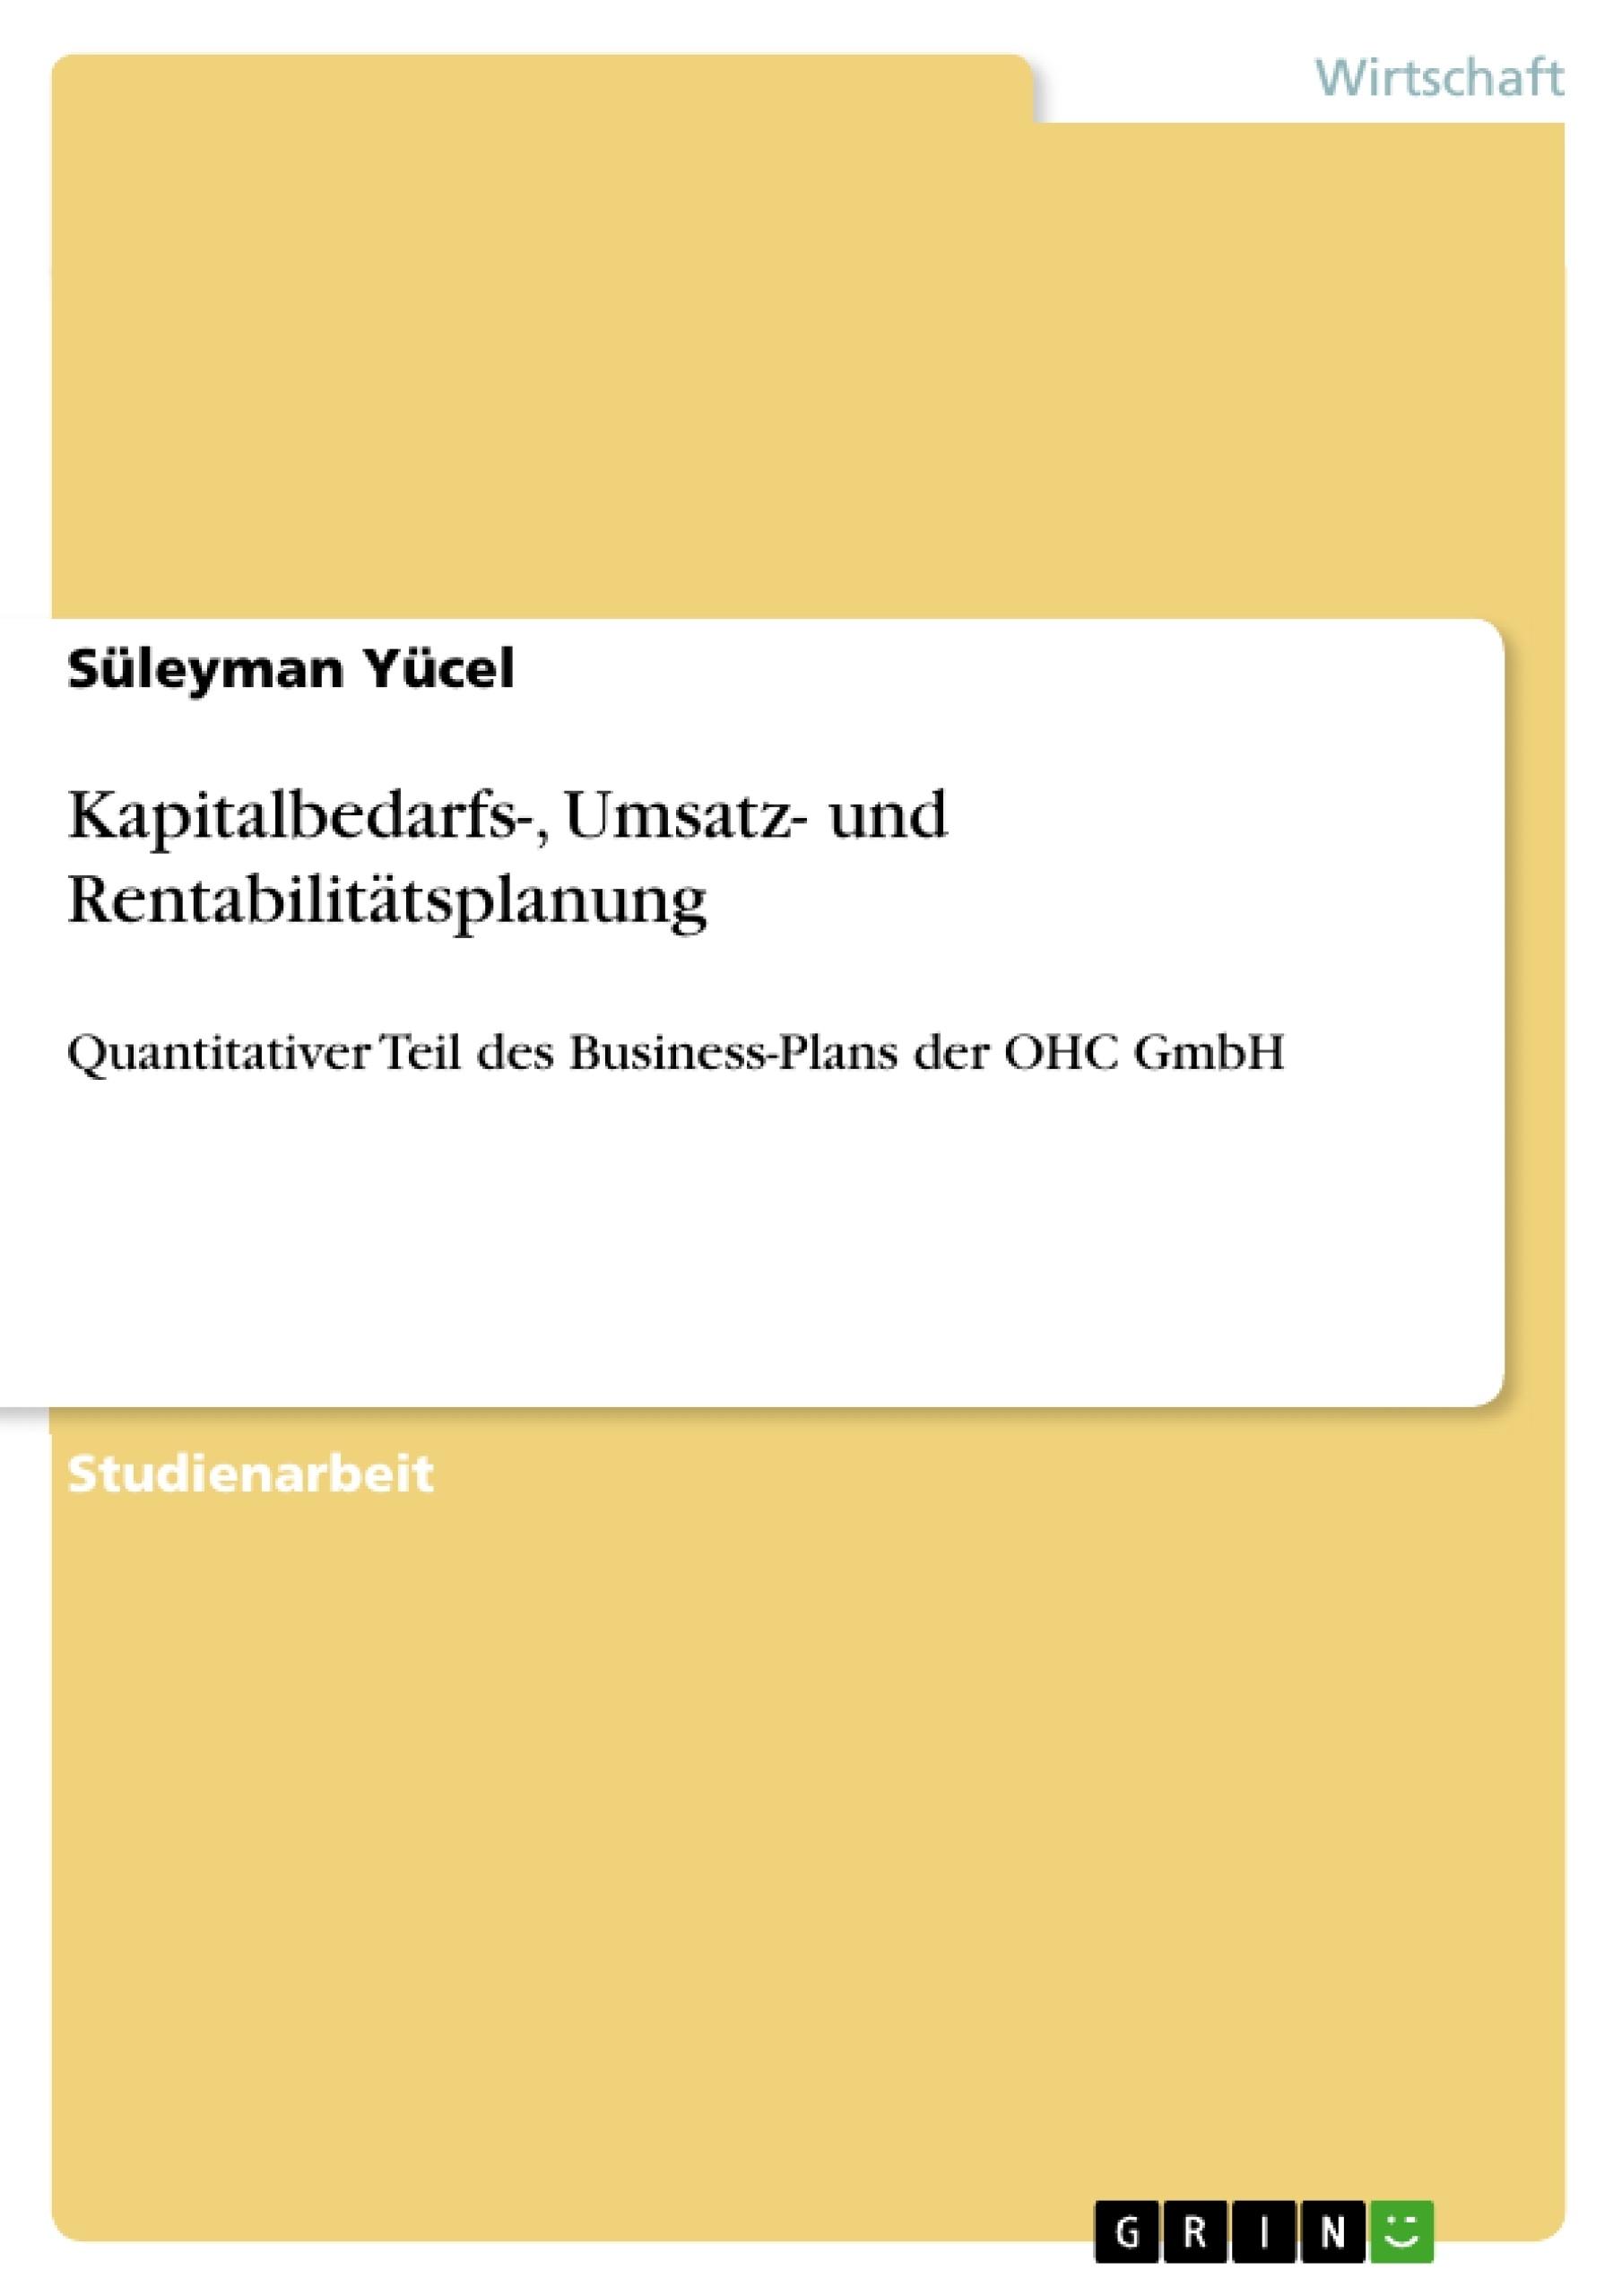 Titel: Kapitalbedarfs-, Umsatz- und Rentabilitätsplanung